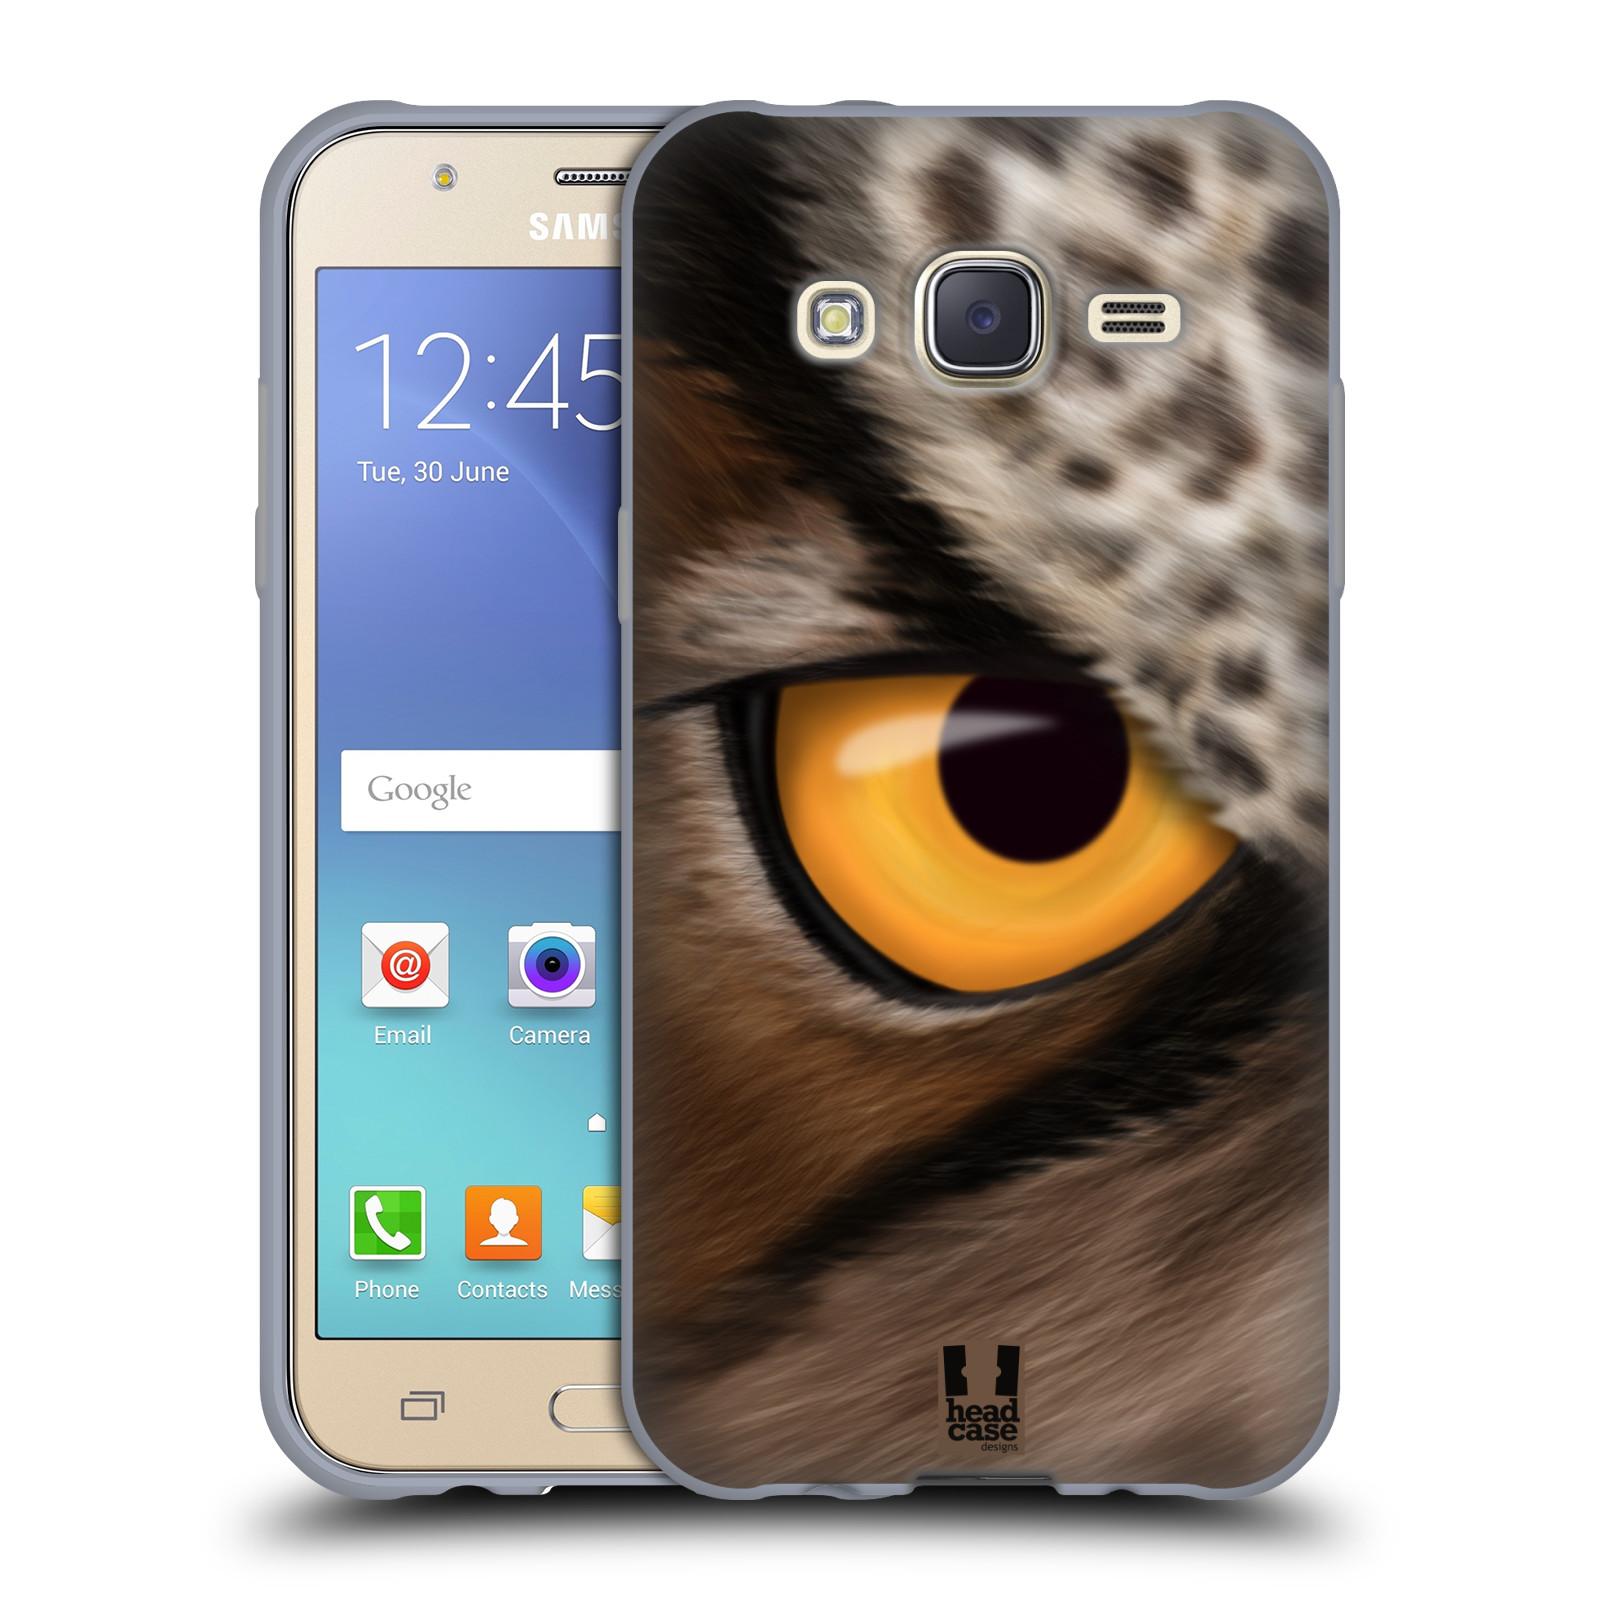 HEAD CASE silikonový obal na mobil Samsung Galaxy J5, J500, (J5 DUOS) vzor pohled zvířete oko sova